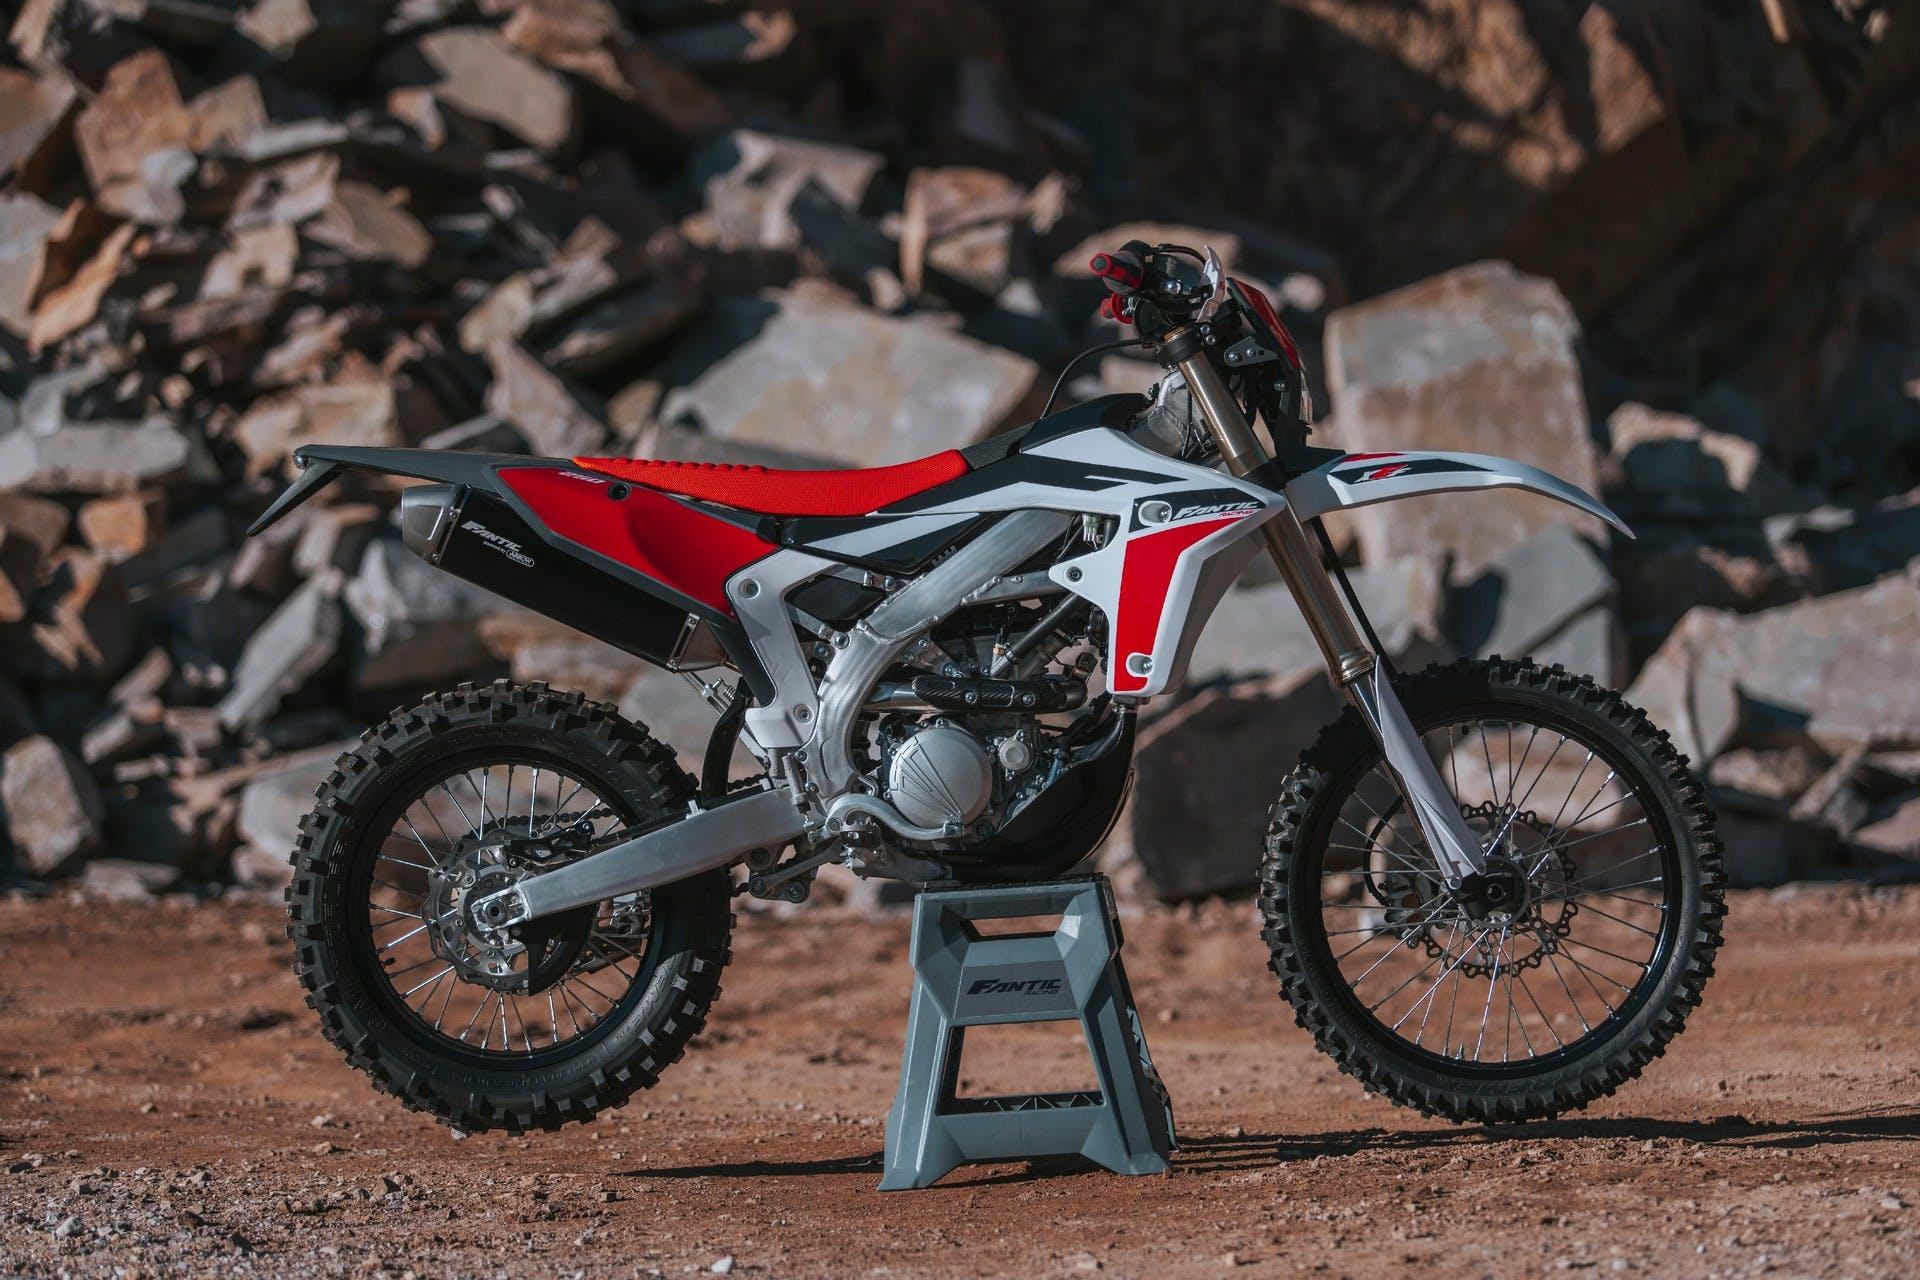 Fantic XEF 250 Migliori moto da enduro 2021